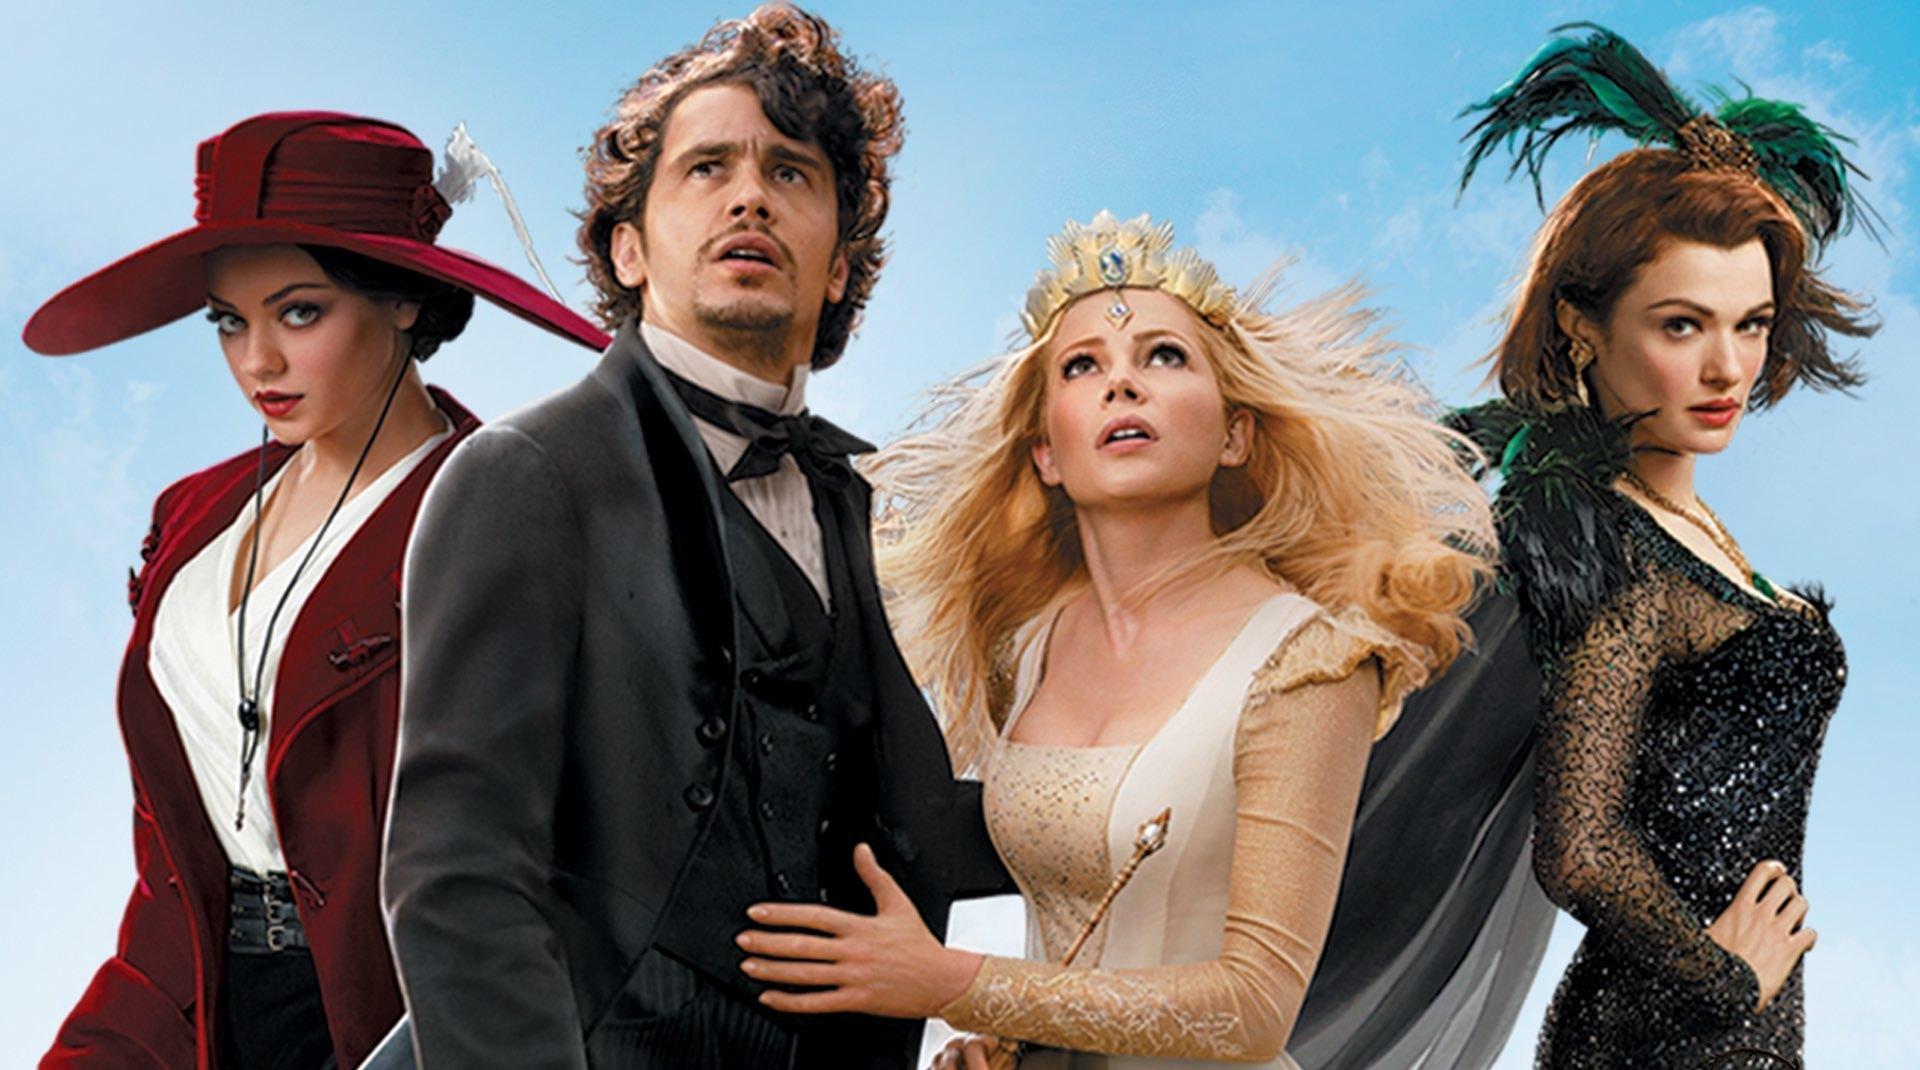 Immagine dei protagonisti del film Il grande e potente Oz